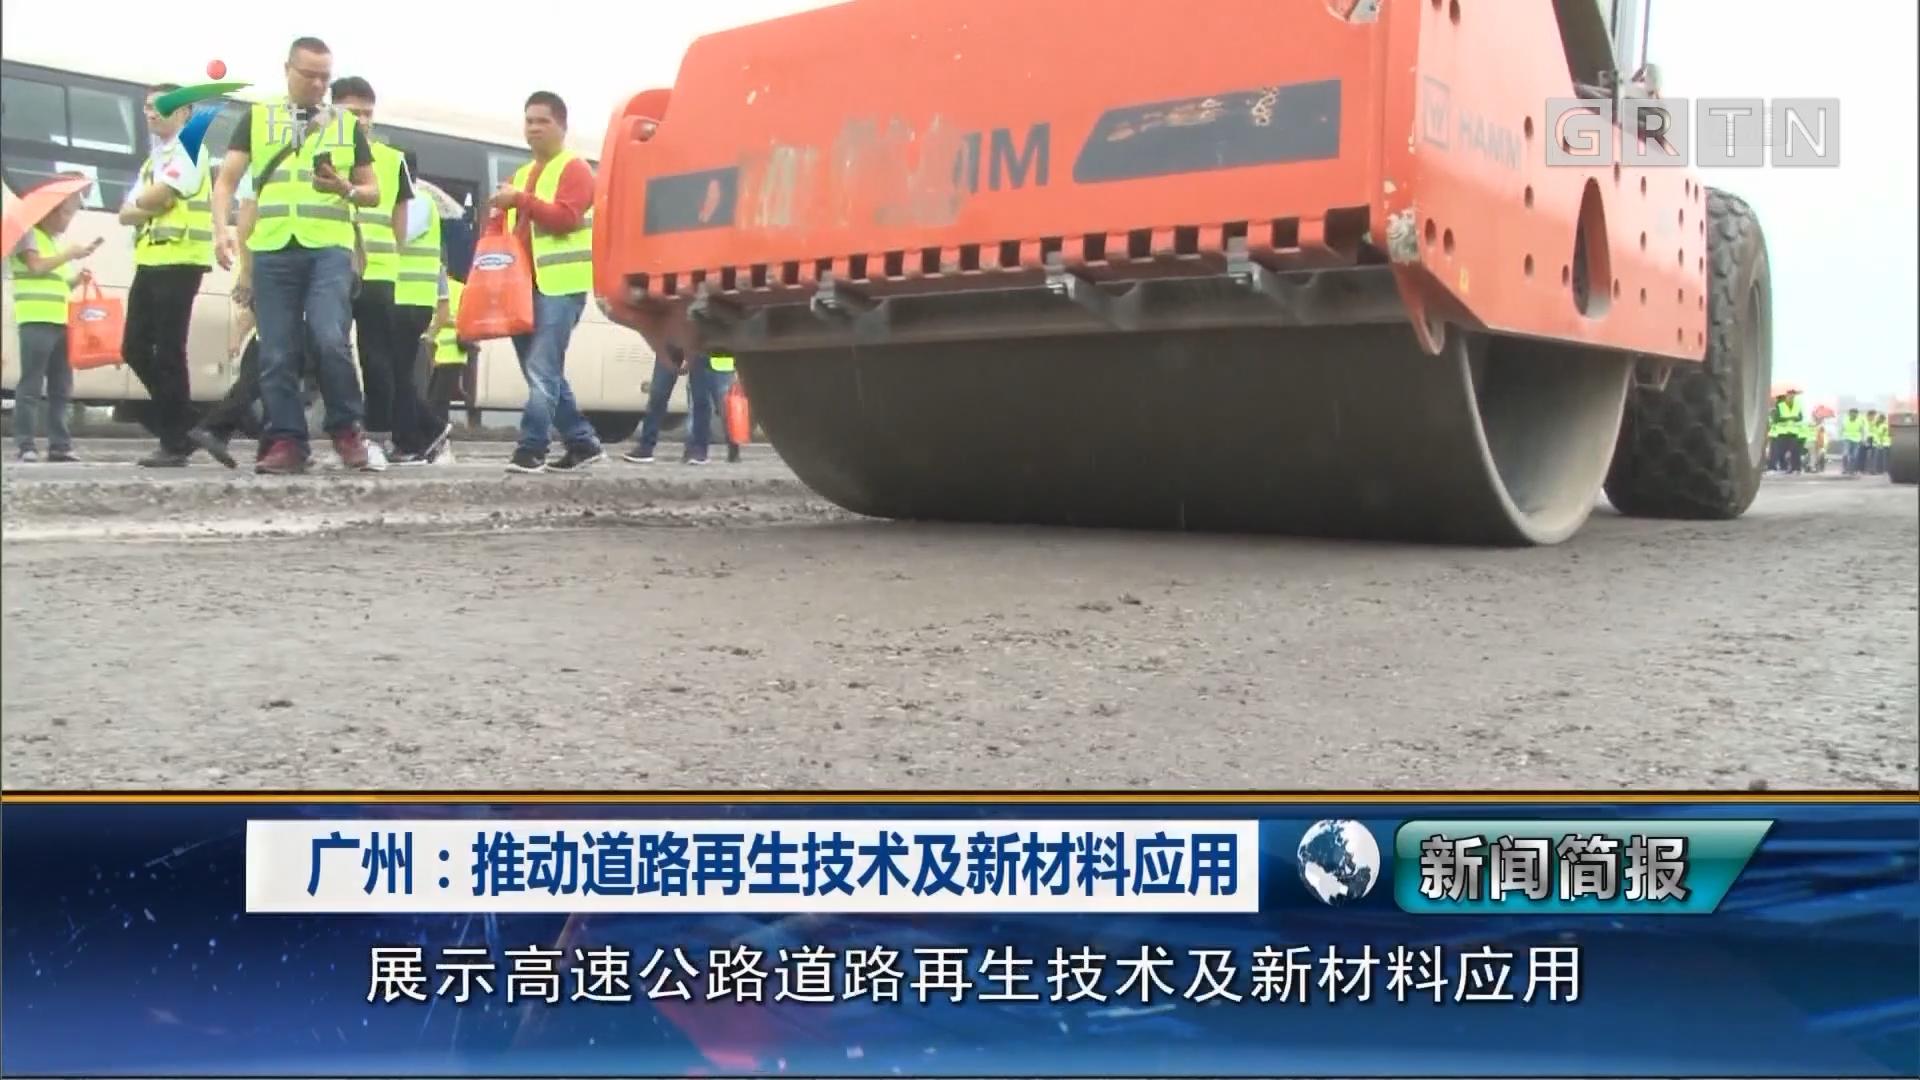 广州:推动道路再生技术及新材料应用